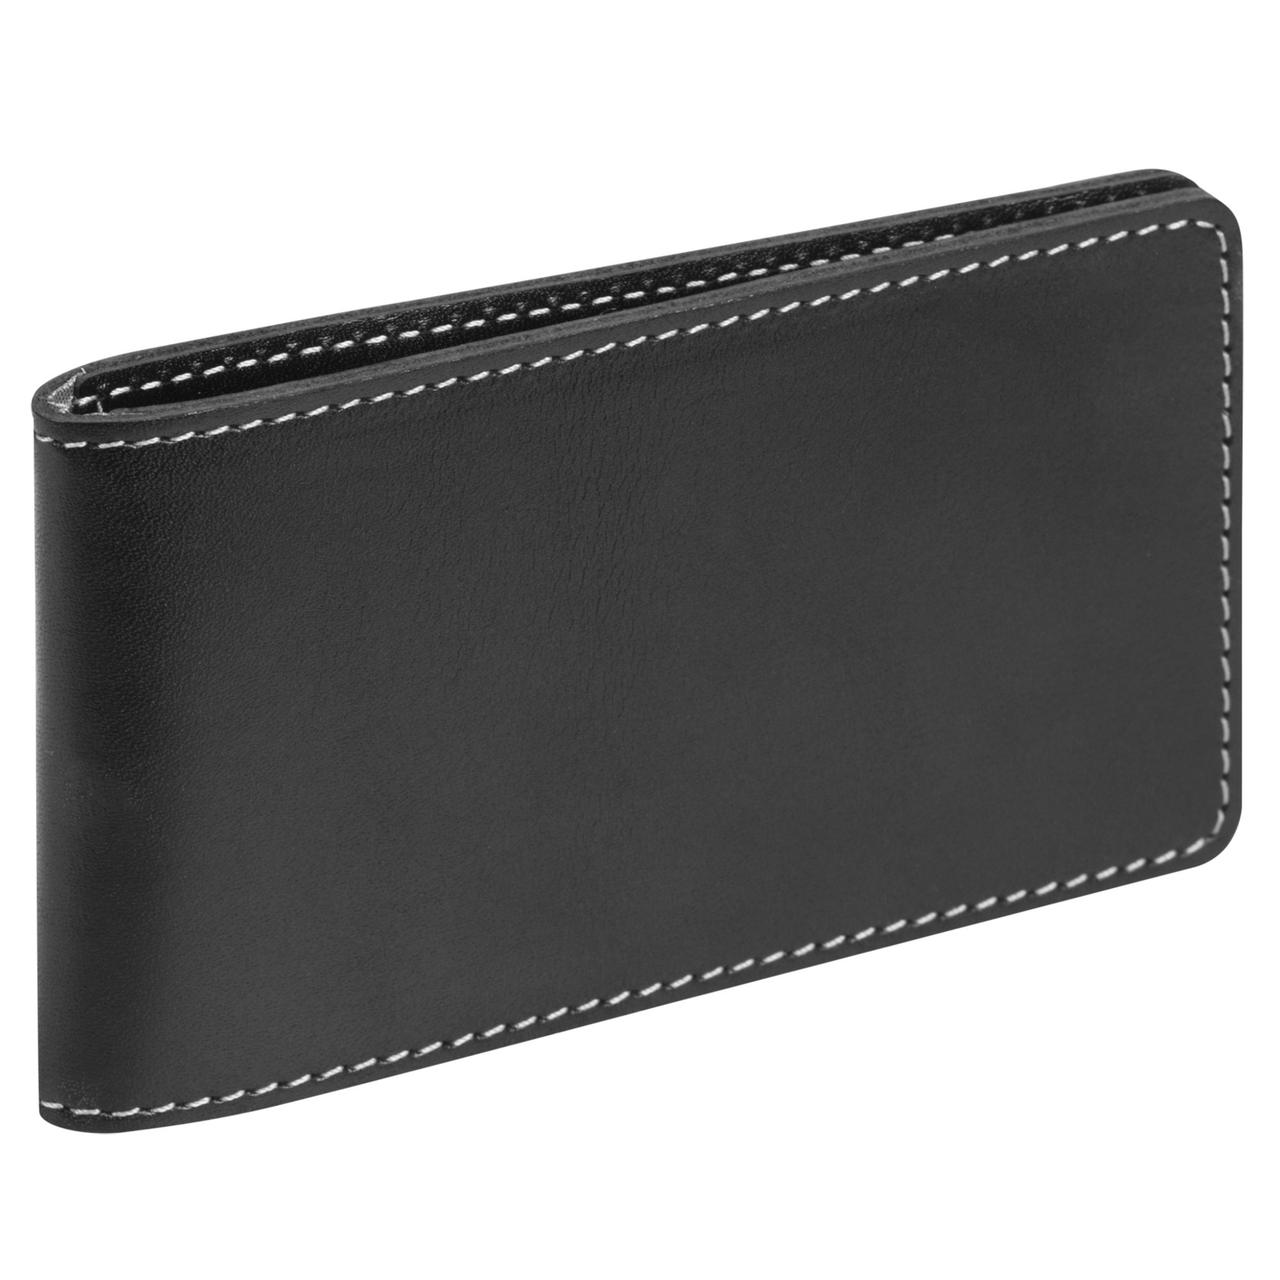 Футляр для пластиковых карт Security, черный